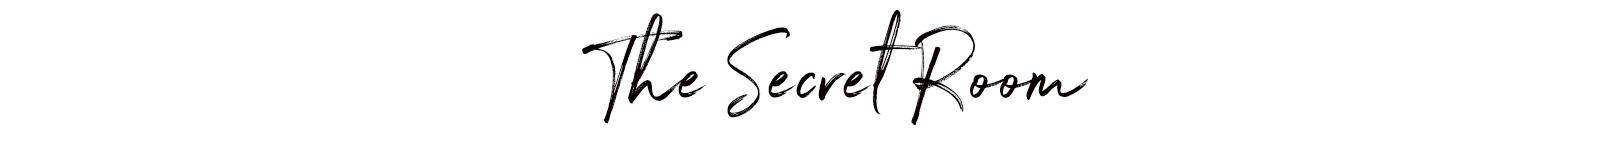 secretroom.jpg